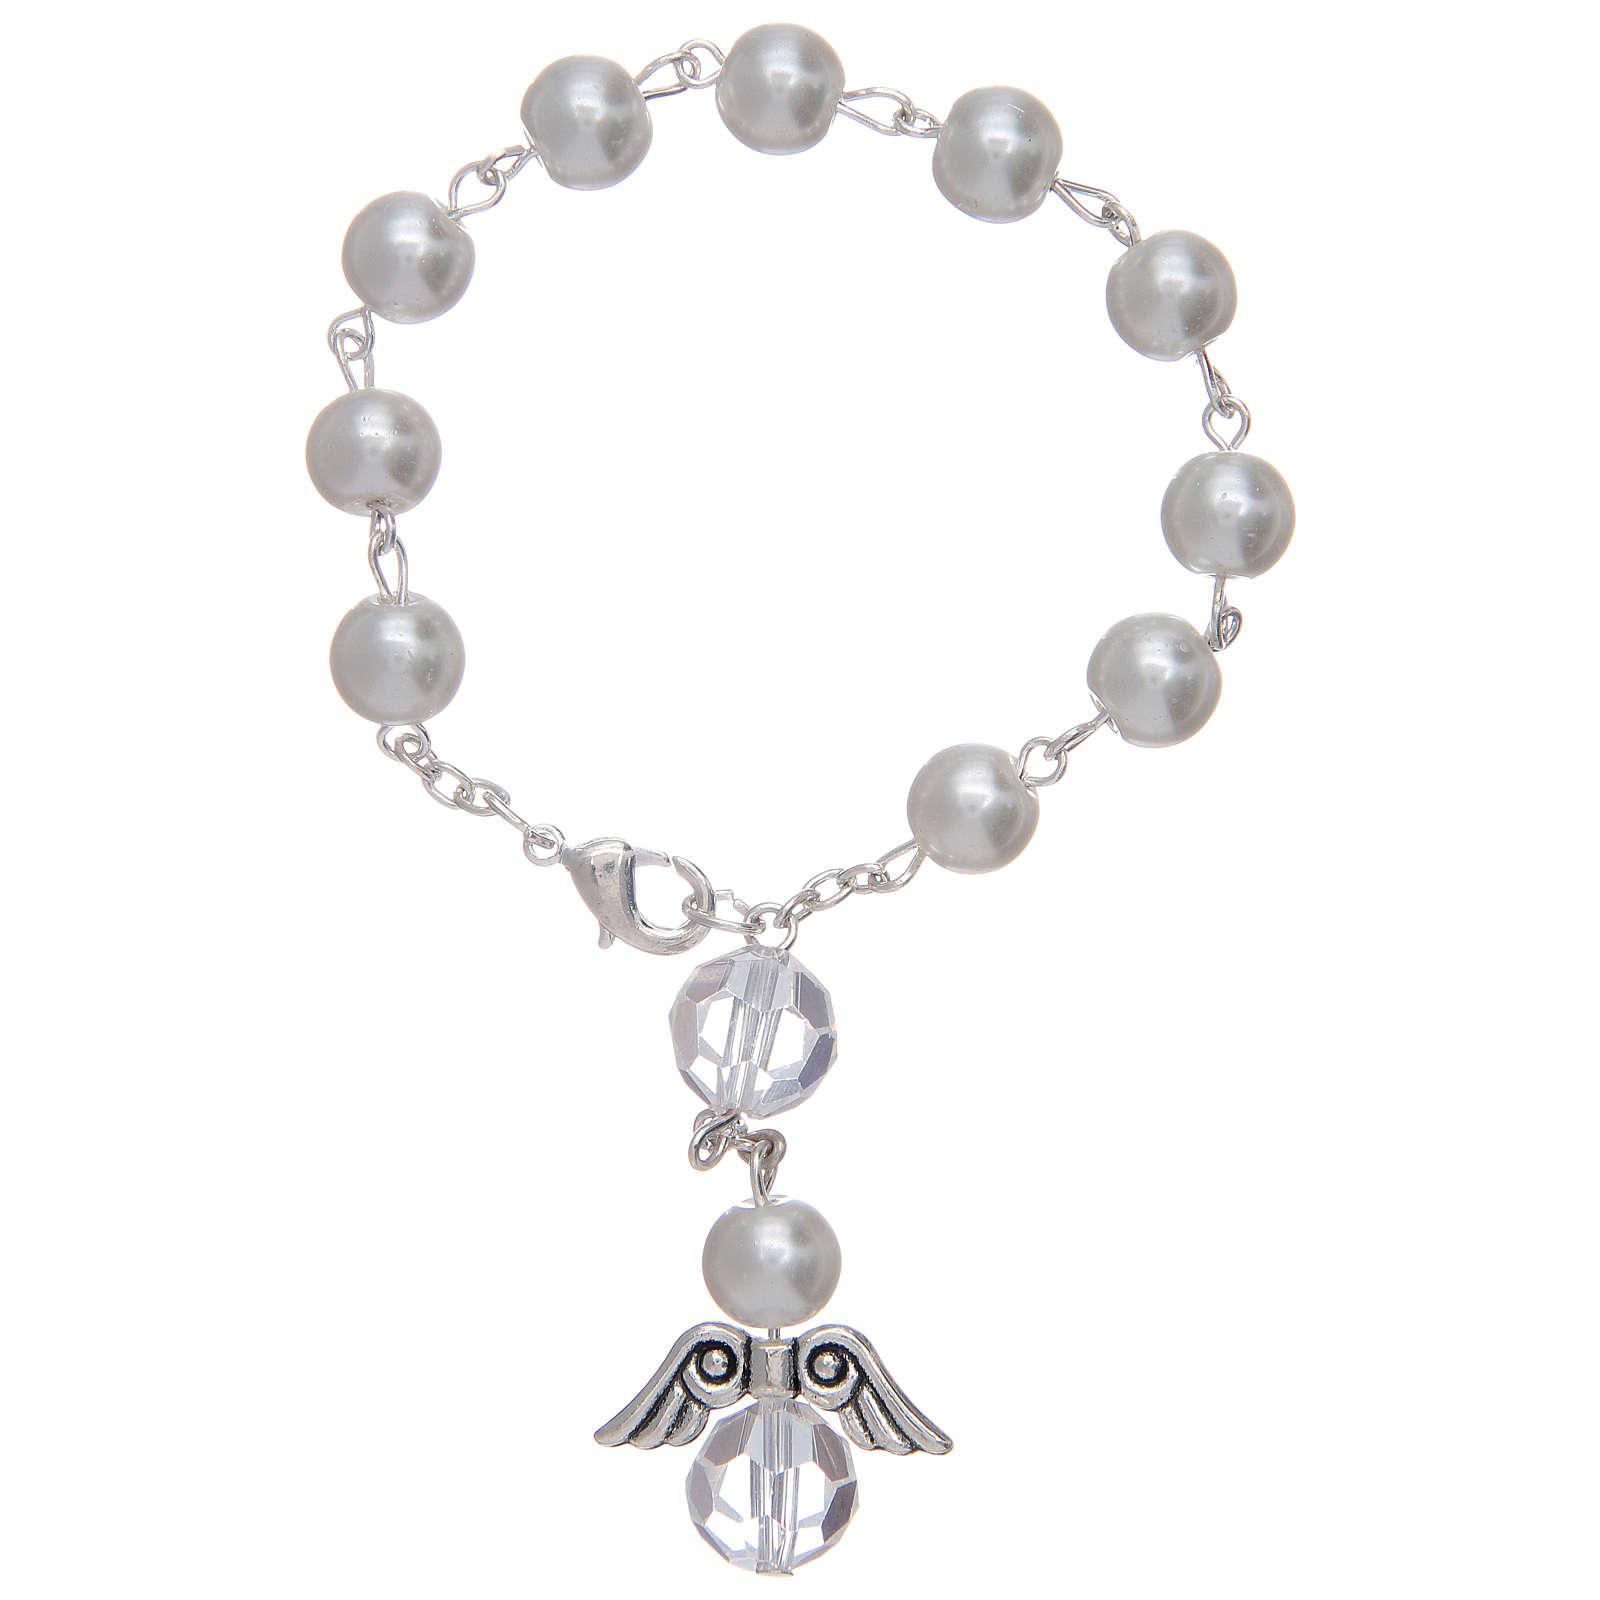 Dezena com anjo em vidro imitação madrepérola branca e cristal 4